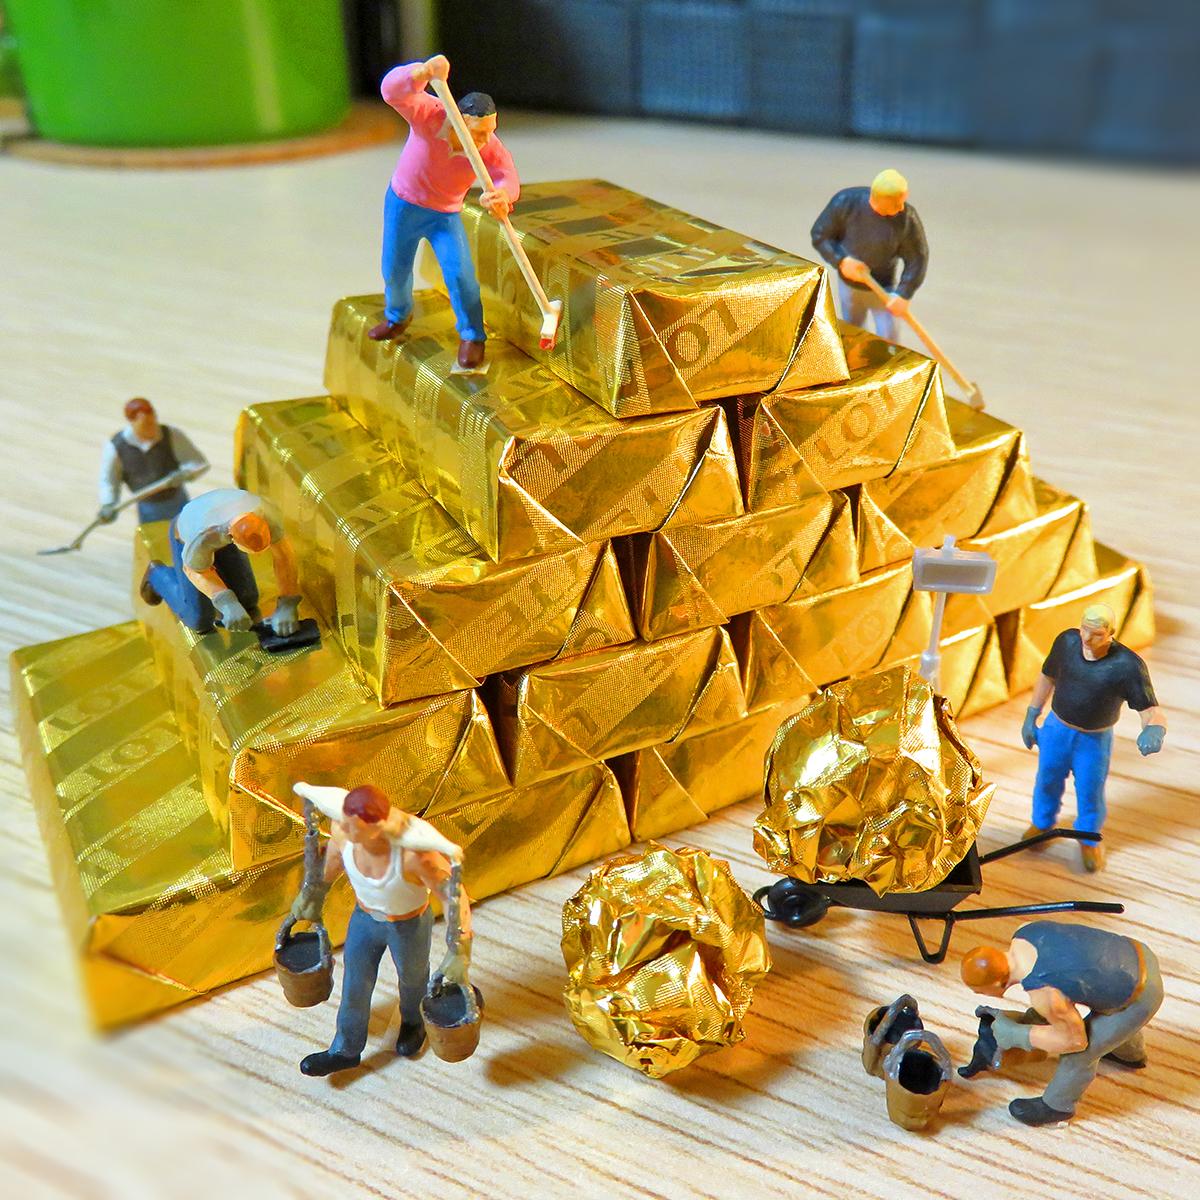 今日はゴールドラッシュの日!ミルクチョコレート金塊を採掘するガーナの作業員